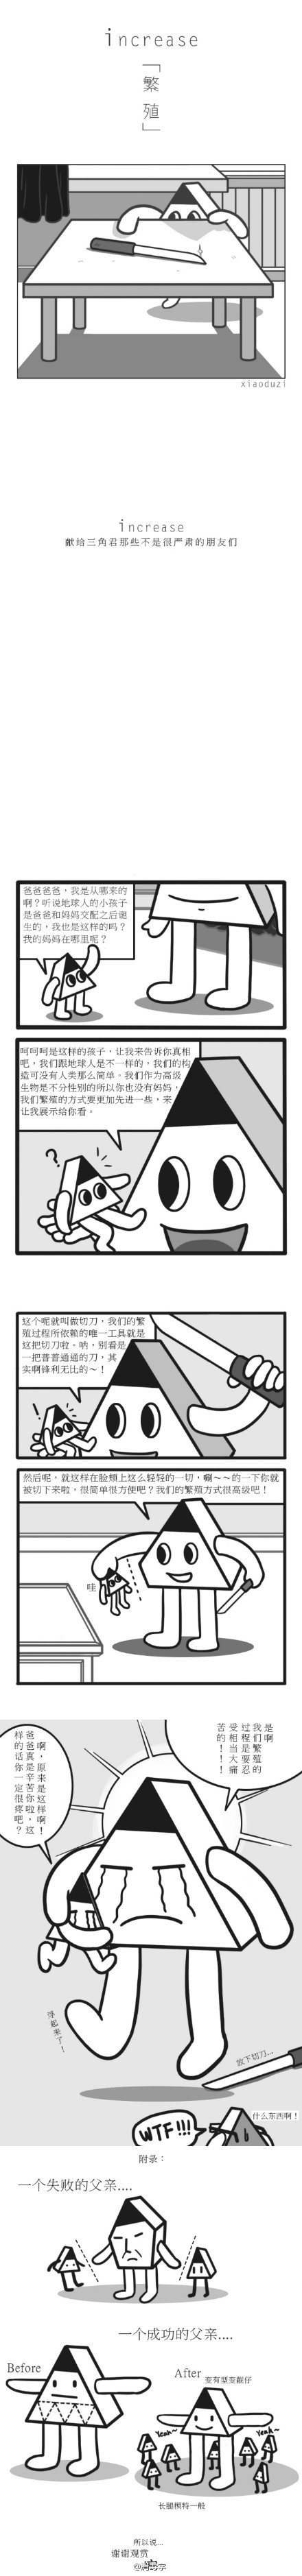 【 increase • 繁殖】画了一个小小故事,讲述了三角君是如何诞生以及他们是如何繁殖的。 #我的三角君#  【@消毒字】